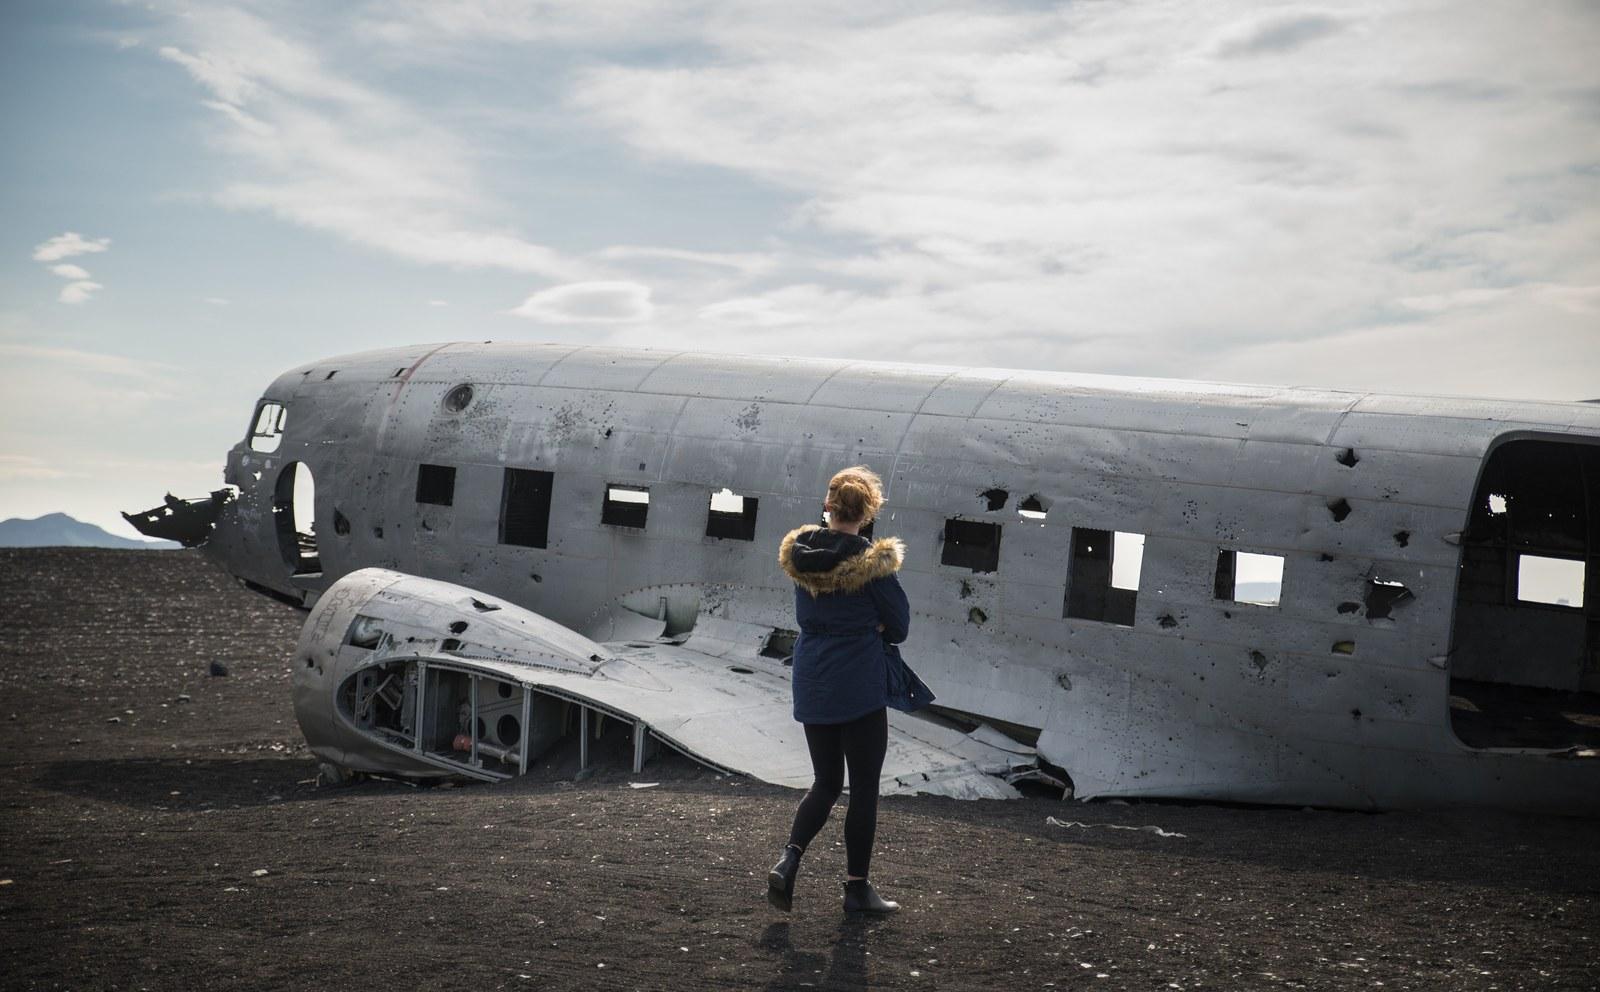 Manue près de l'avion écrasé en Islande Solheimasandur